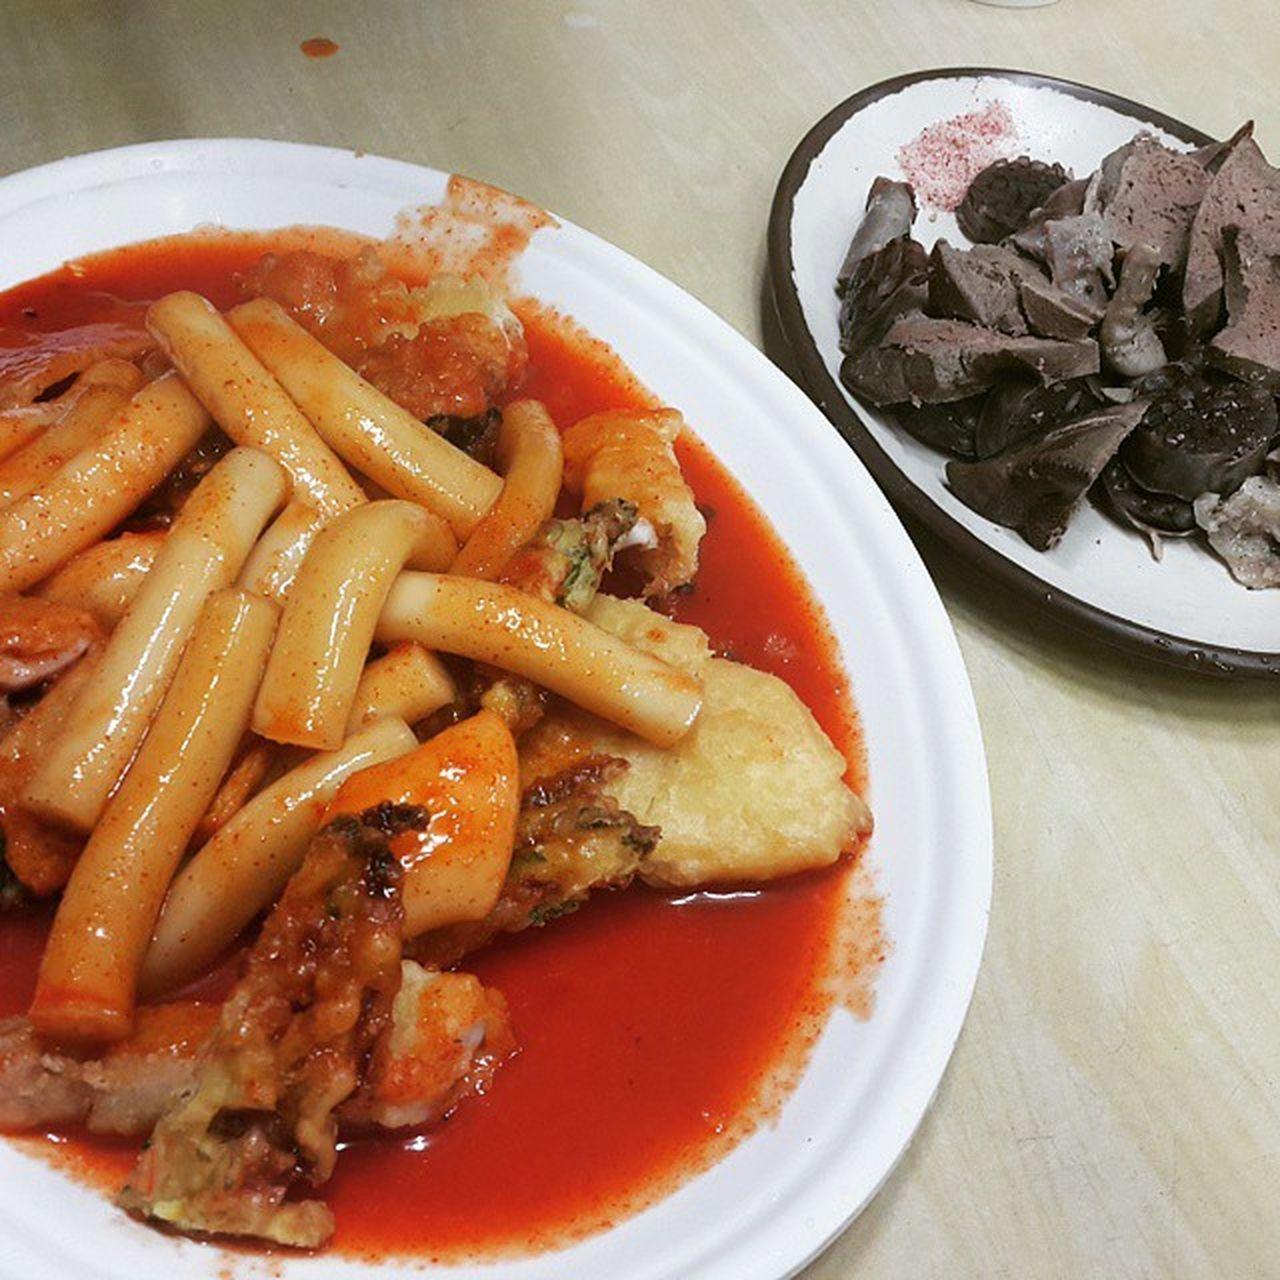 먹스타그램 떡튀순 떡볶이 튀김 순대